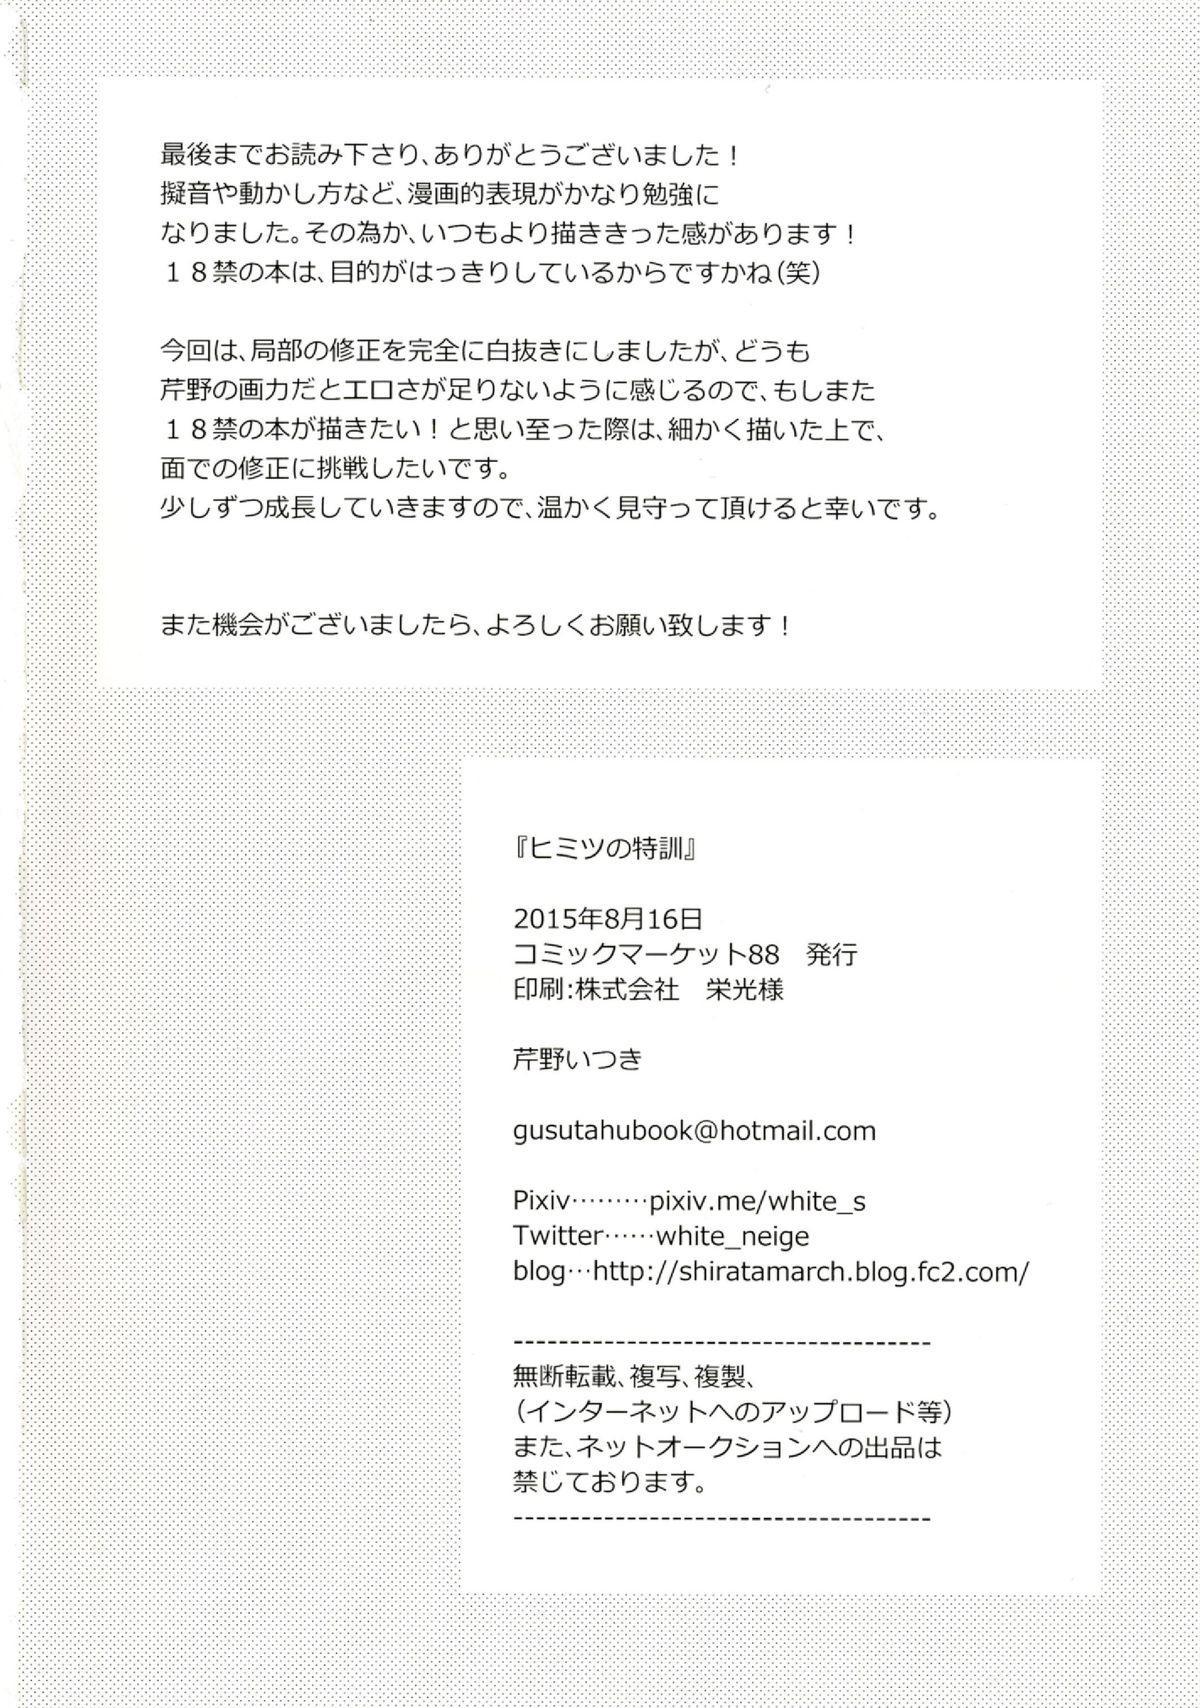 Himitsu no Tokkun 33